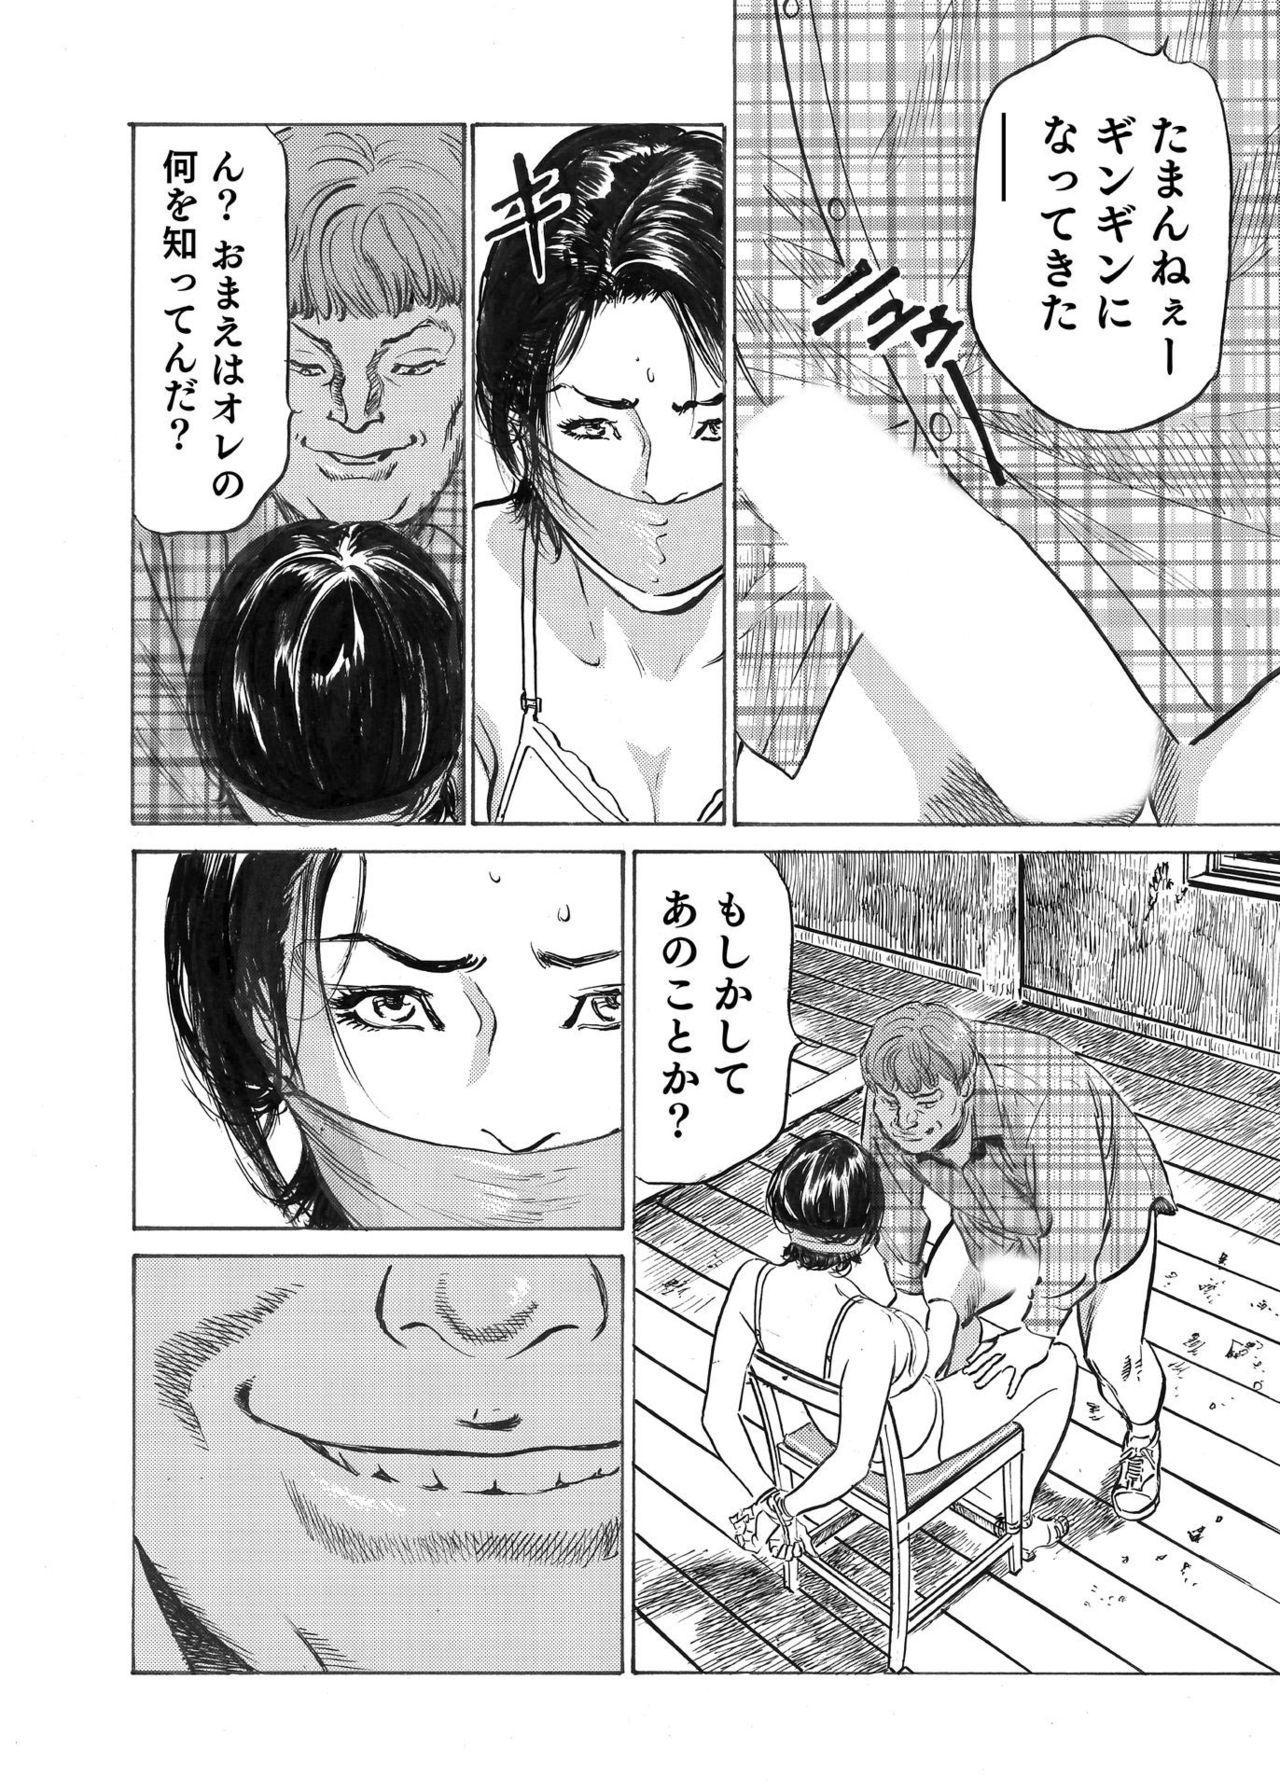 Ore wa Tsuma no Koto o Yoku Shiranai 1-9 183